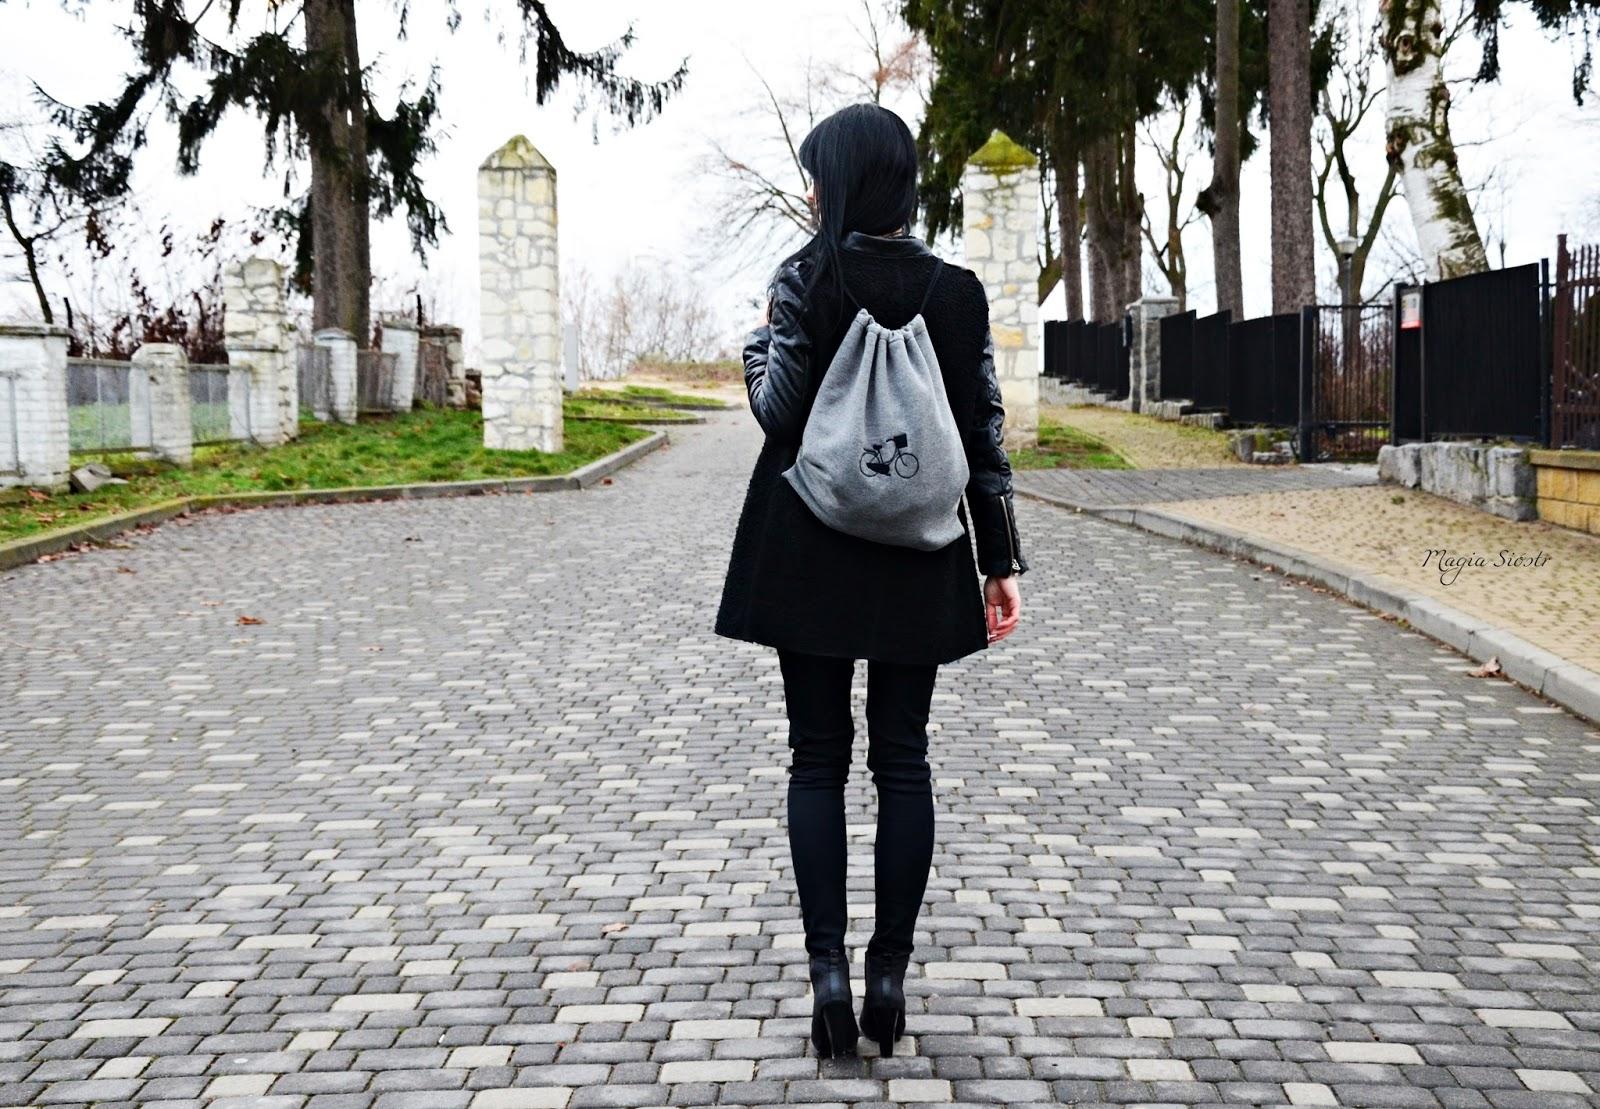 plecak, plecak-worek, plecak z haftem, szary plecak, dresowy plecak